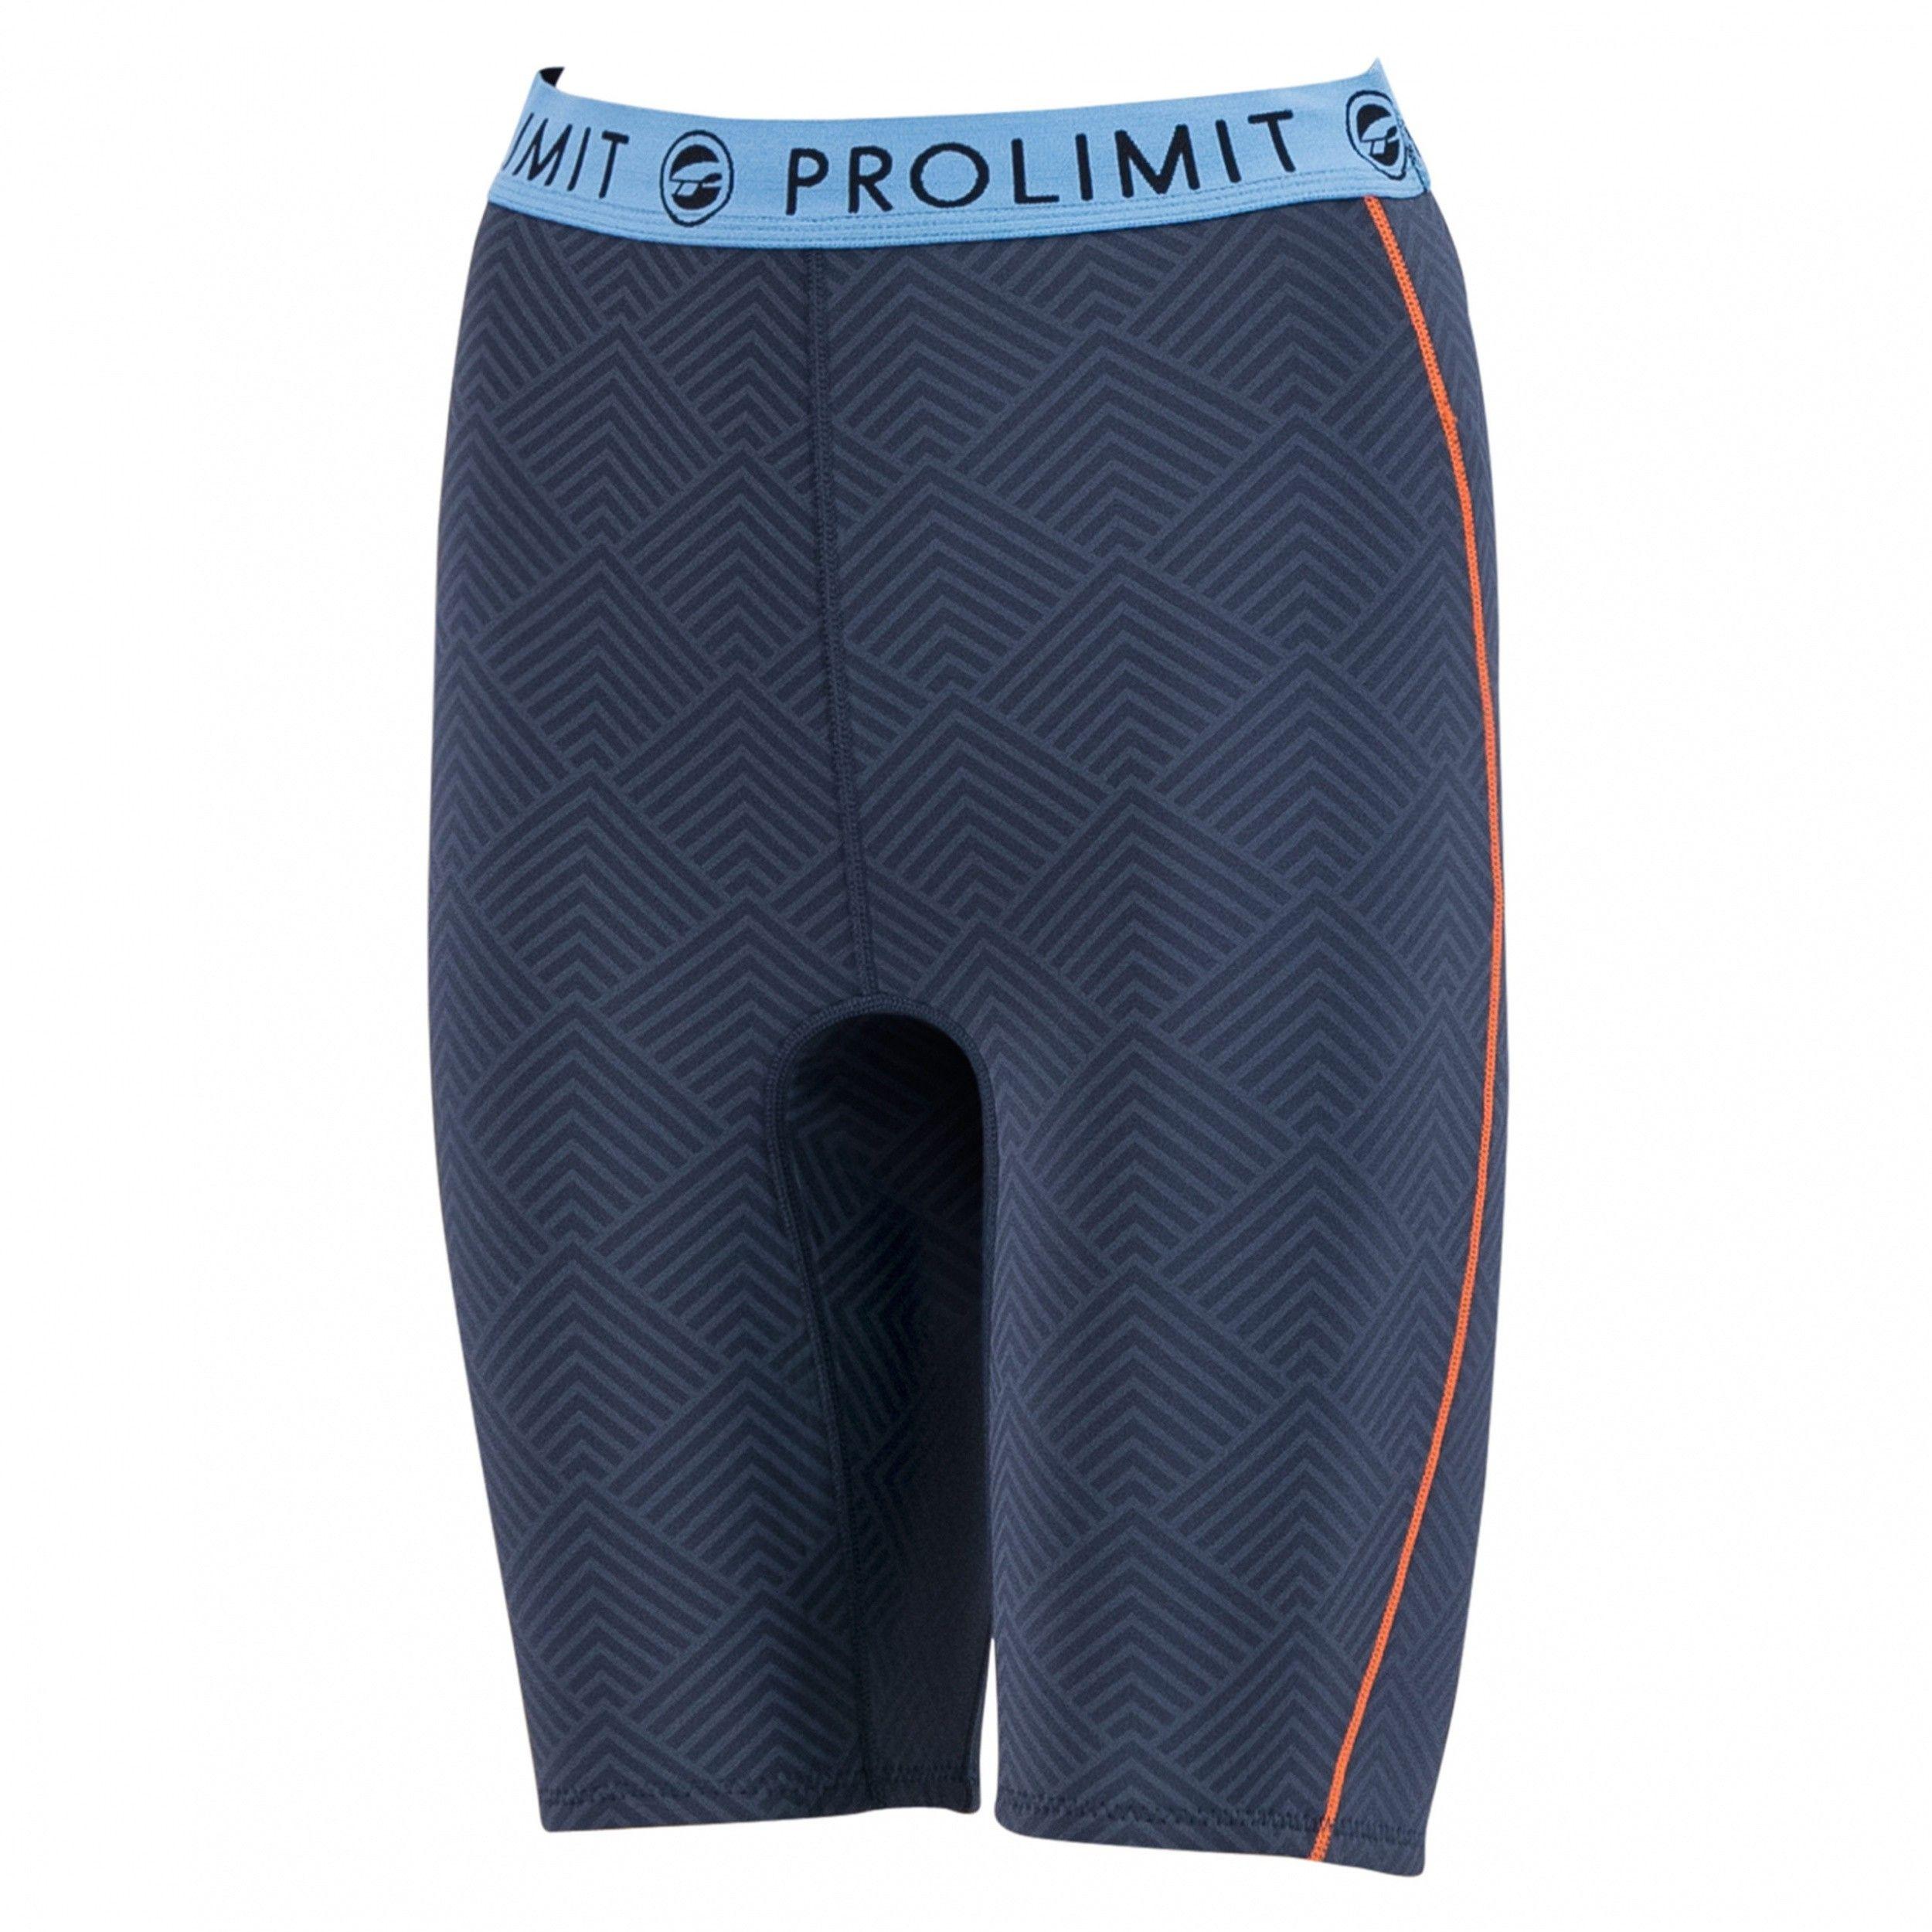 Prolimit dames sup athlecic korte broek